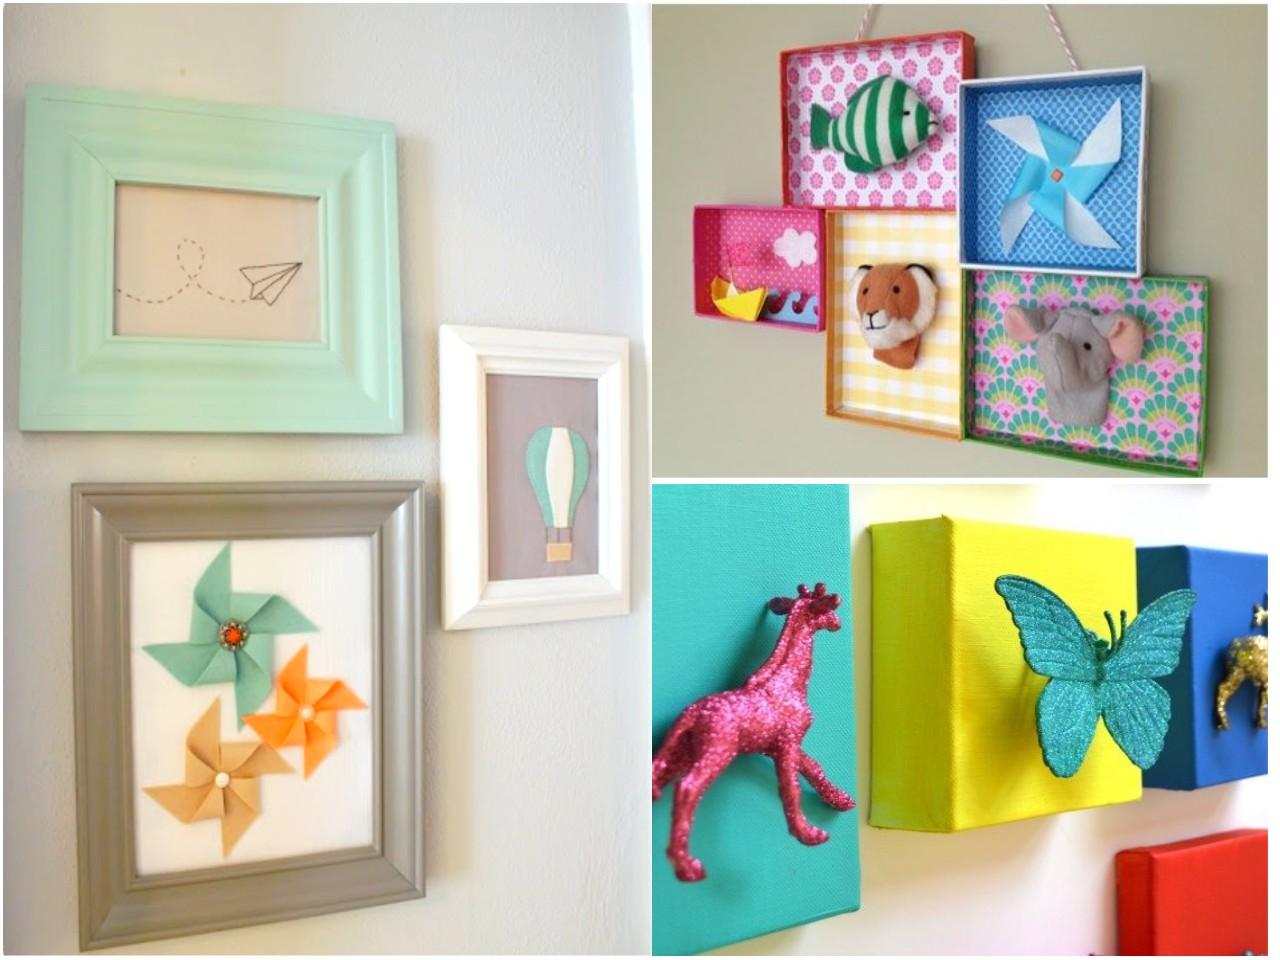 12 ideas econ micas para decorar habitaciones infantiles for Ideas para decorar habitacion nino 2 anos